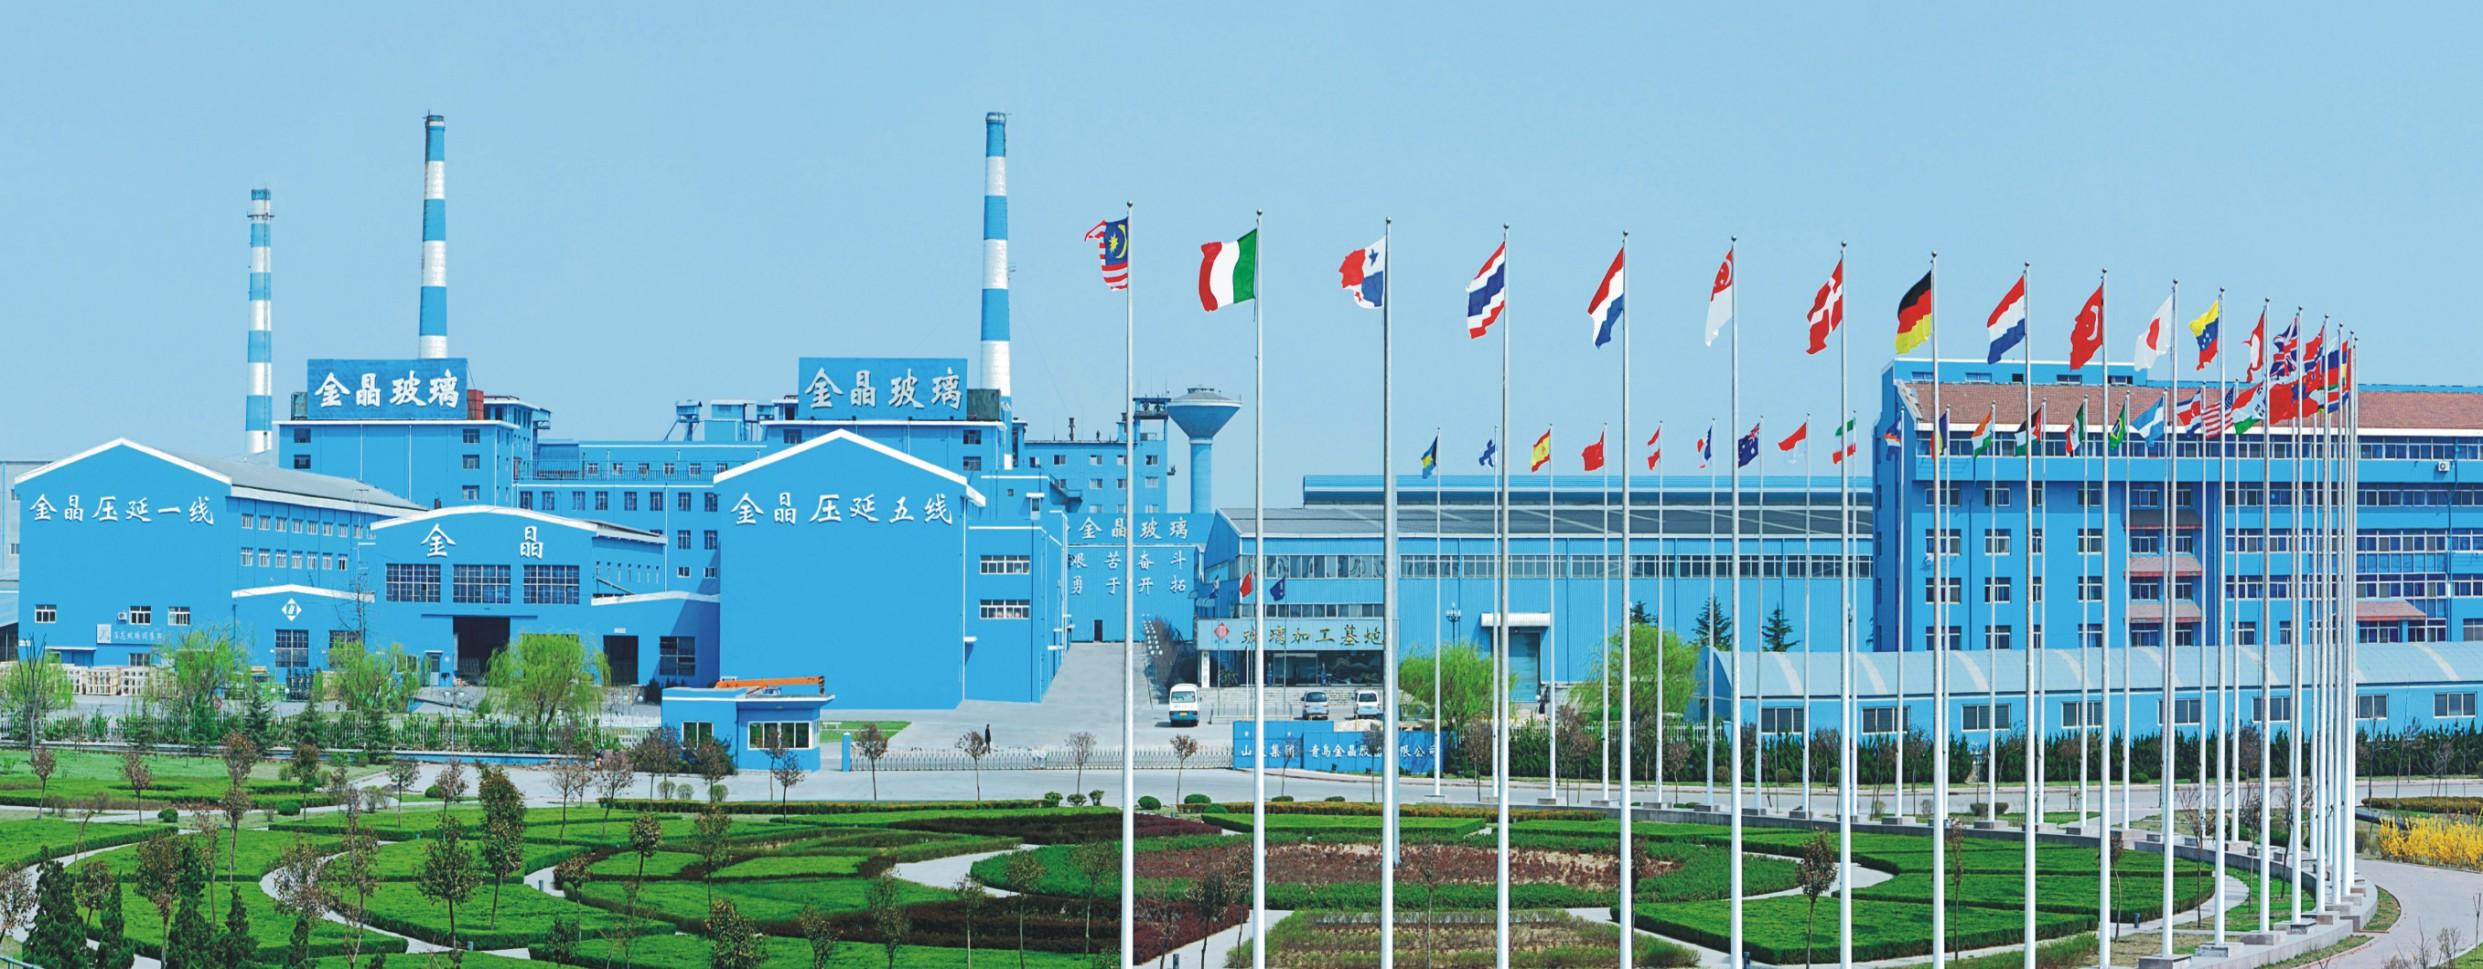 """公司成为""""青岛市高新技术企业"""",""""商务部外贸信用示范单位"""",""""世界建筑"""